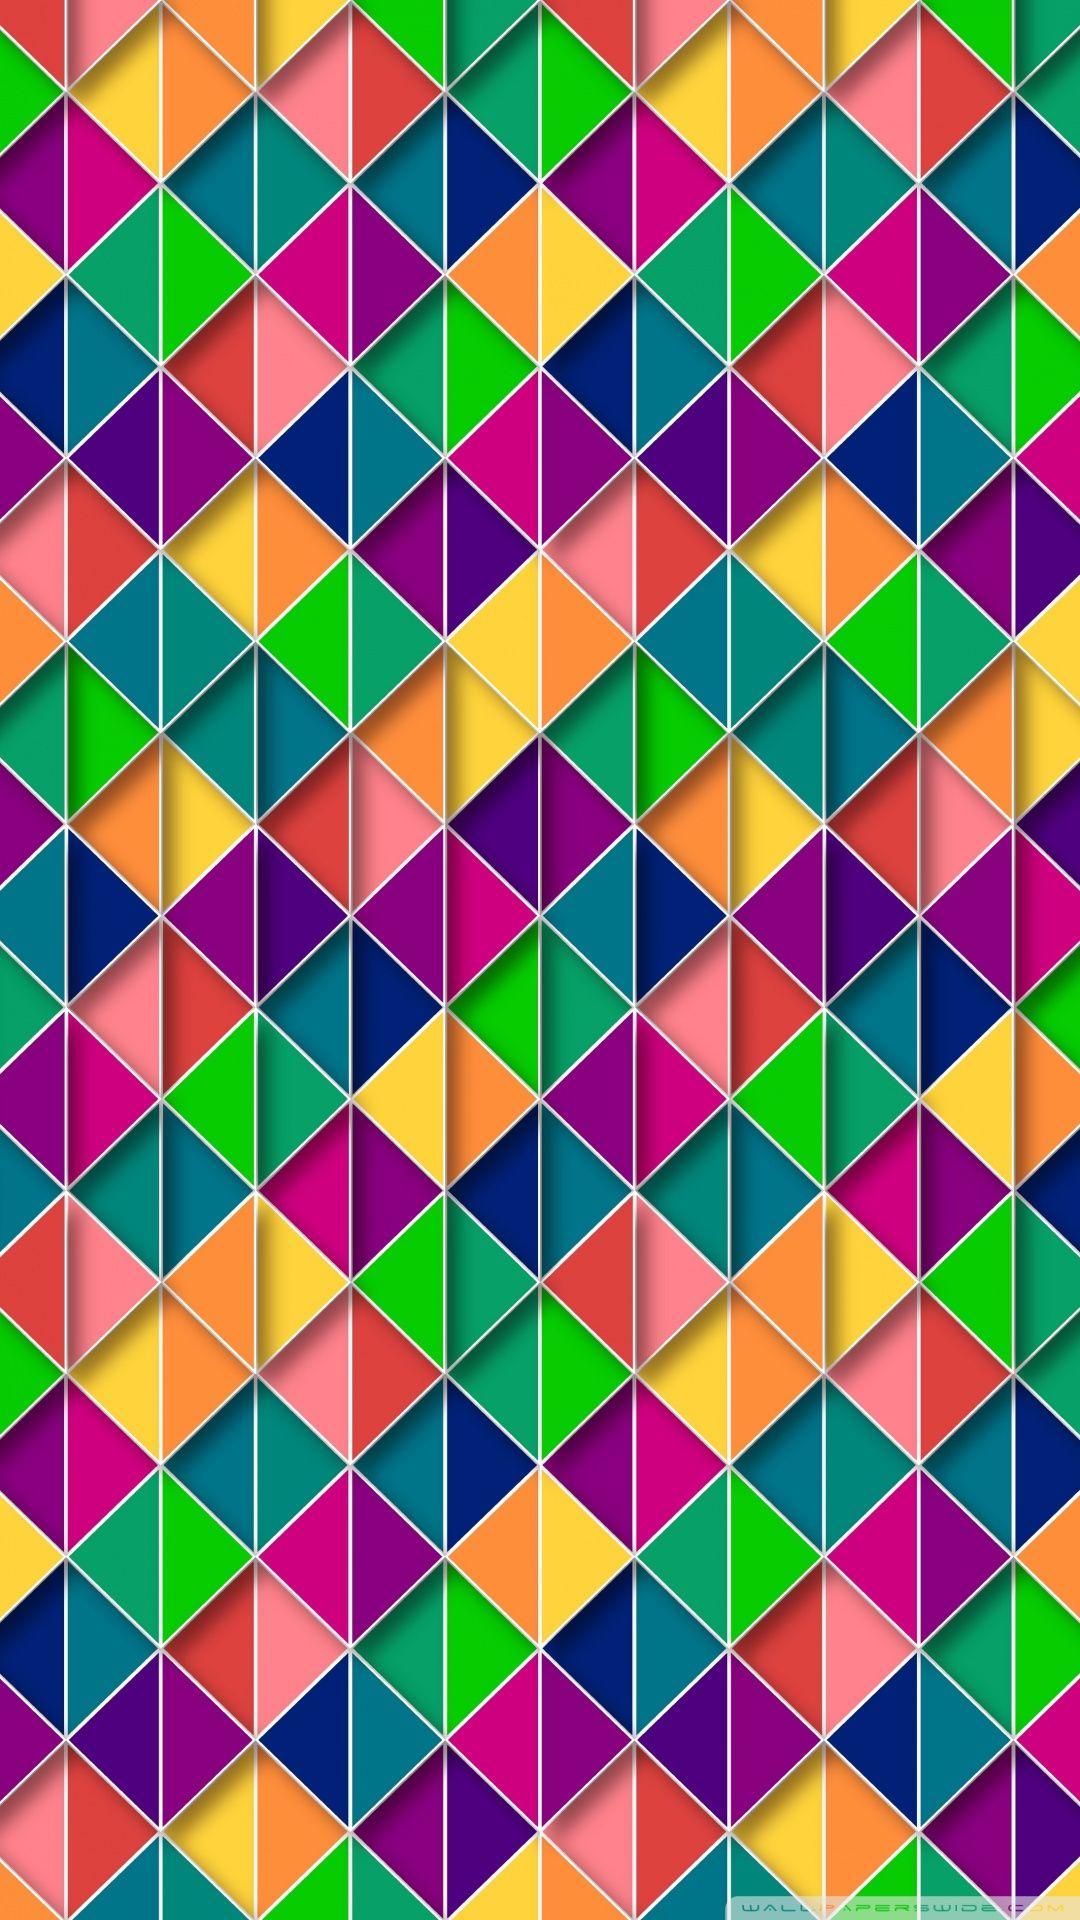 Colorful Pattern Wallpapaer Hd Wallpaper Android Rainbow Wallpaper Pattern Pictures Android Wallpaper